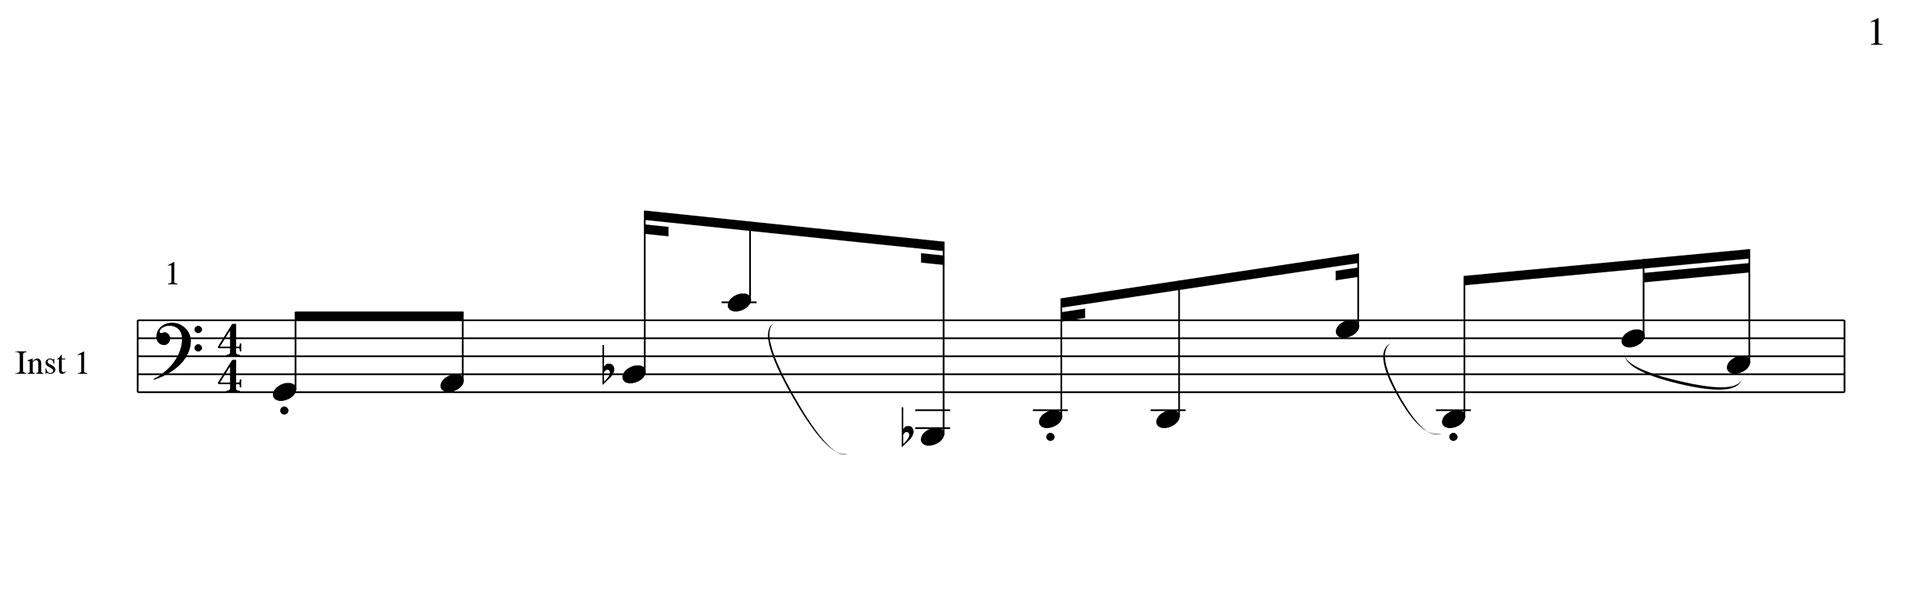 Ein typisches 303-Pattern in Notenschrift